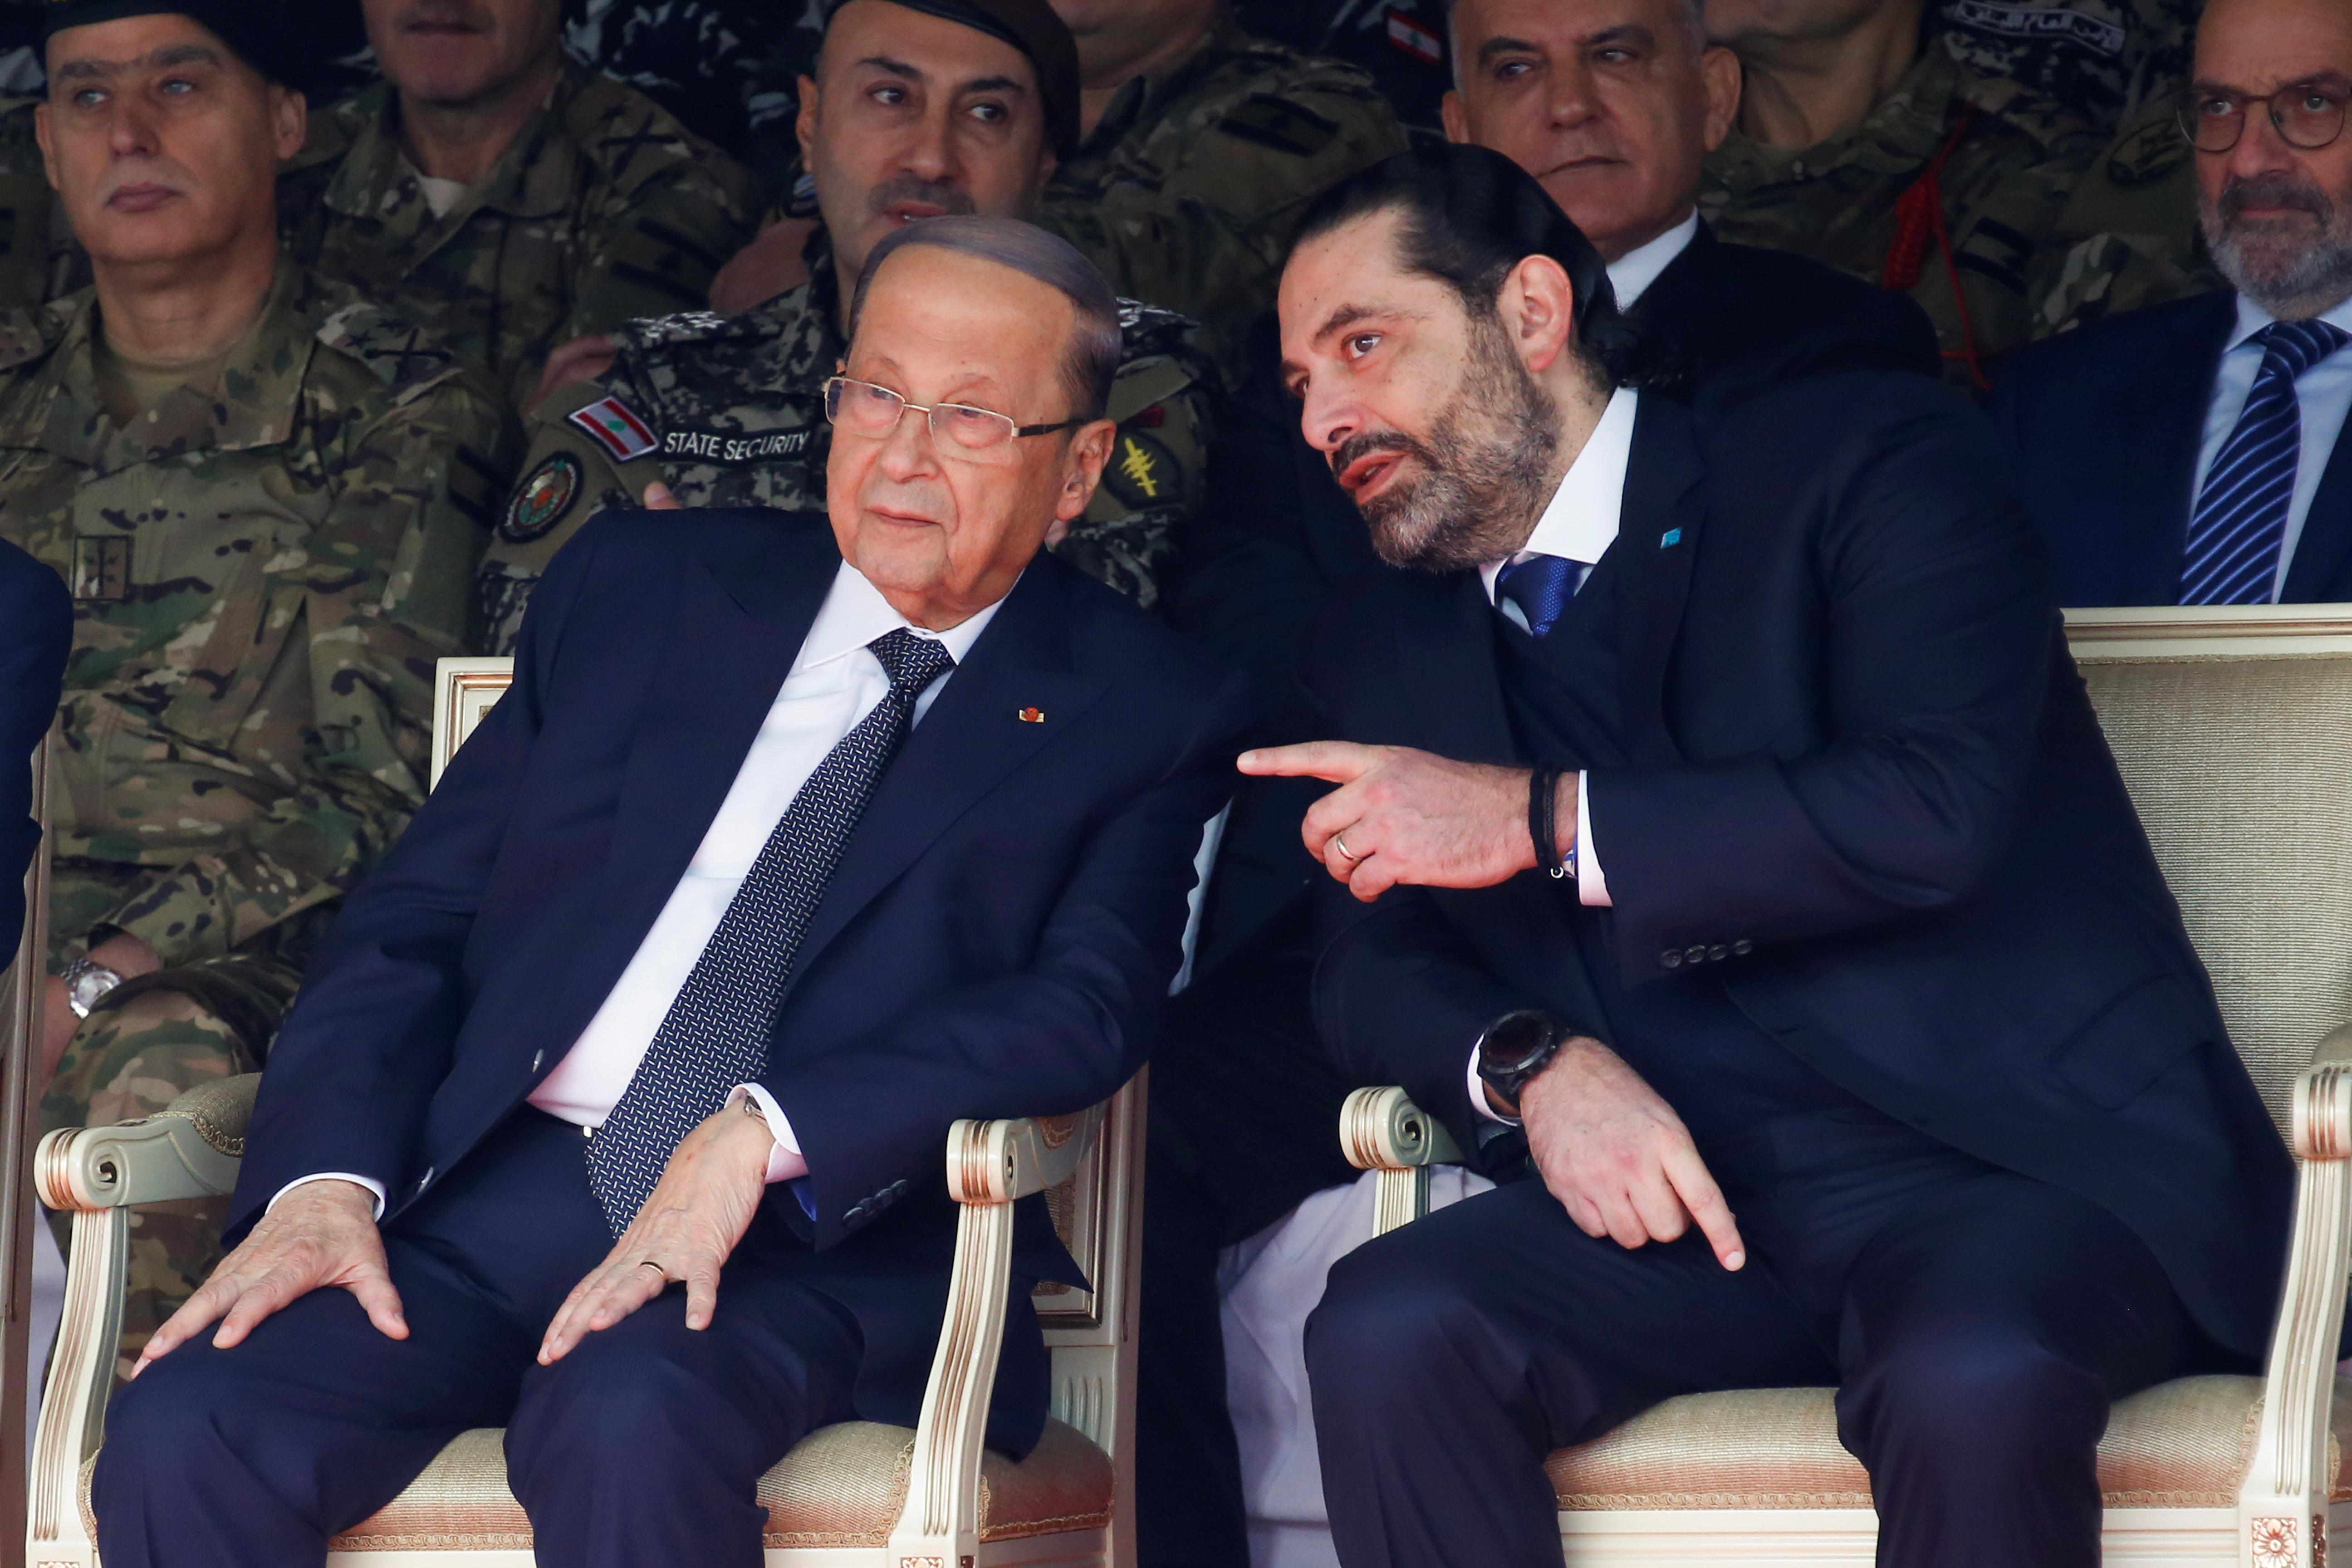 Λίβανος: Αρνείται να αναλάβει εκ νέου πρωθυπουργός ο Σαάντ Χαρίρι